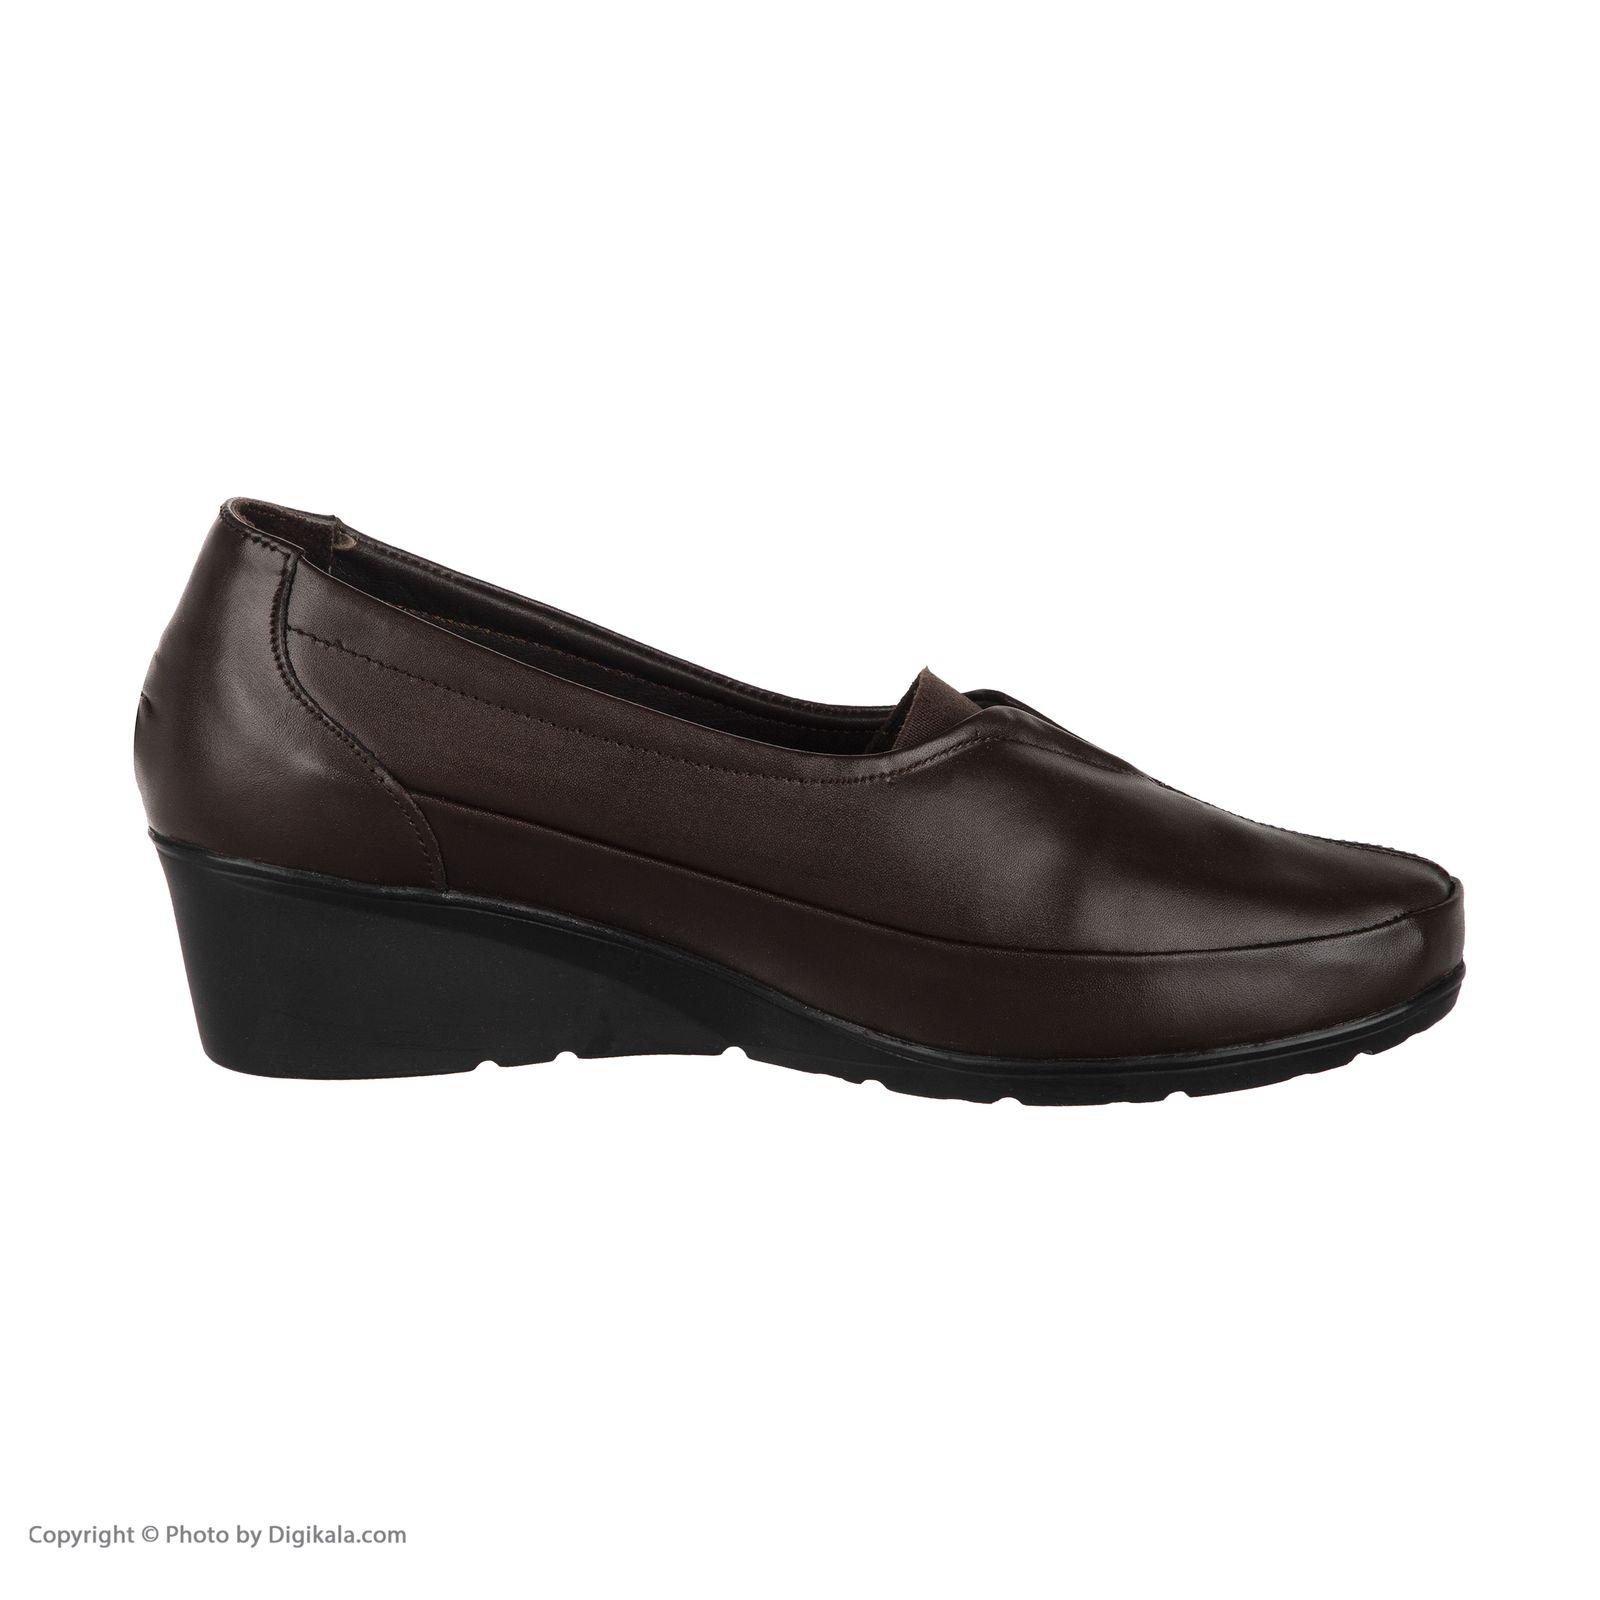 کفش روزمره زنانه سوته مدل 3026C500104 -  - 5